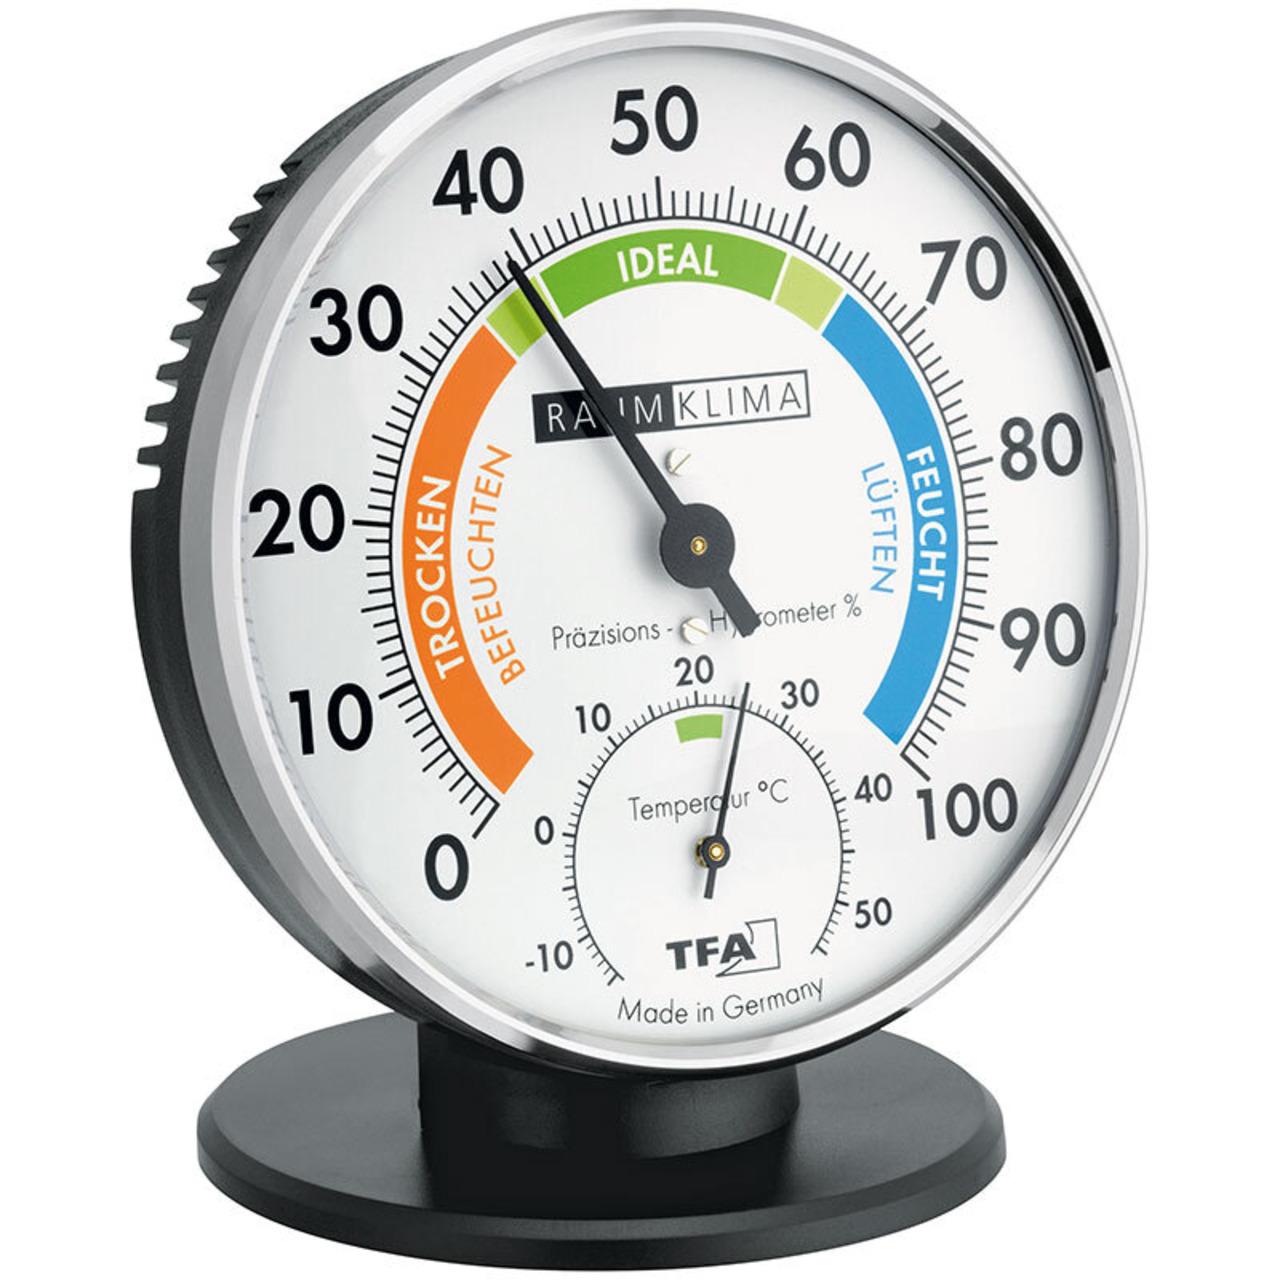 TFA analoges Thermo-Hygrometer- mit farbigen Komfortzonen- mit Standfuund-223